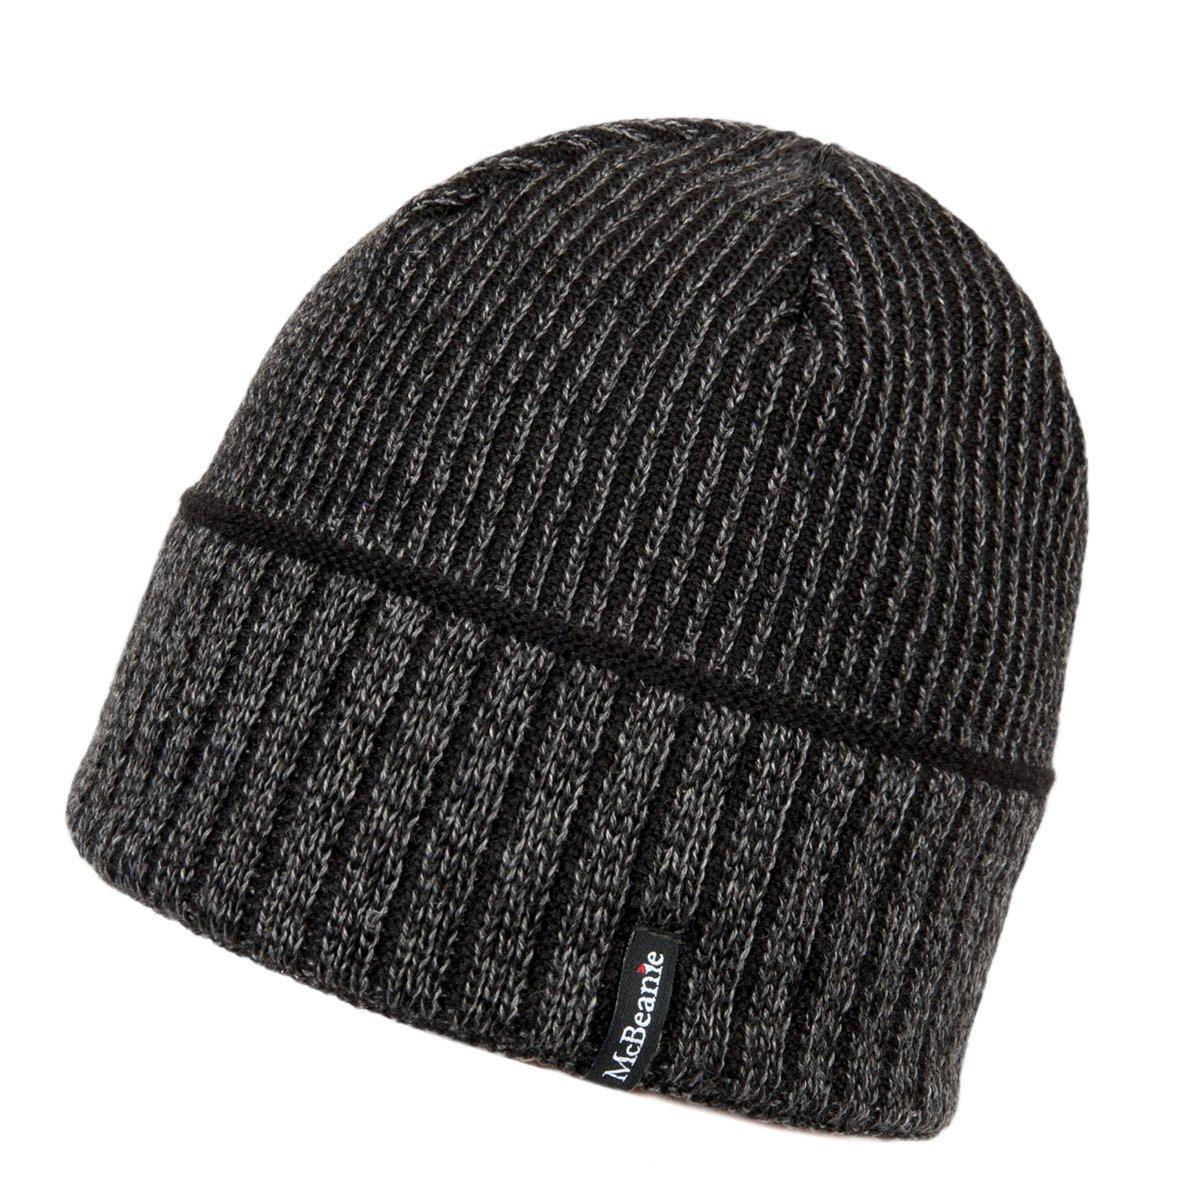 McBEANIE berretto semplice da uomo in lana ea698fcf1ff1